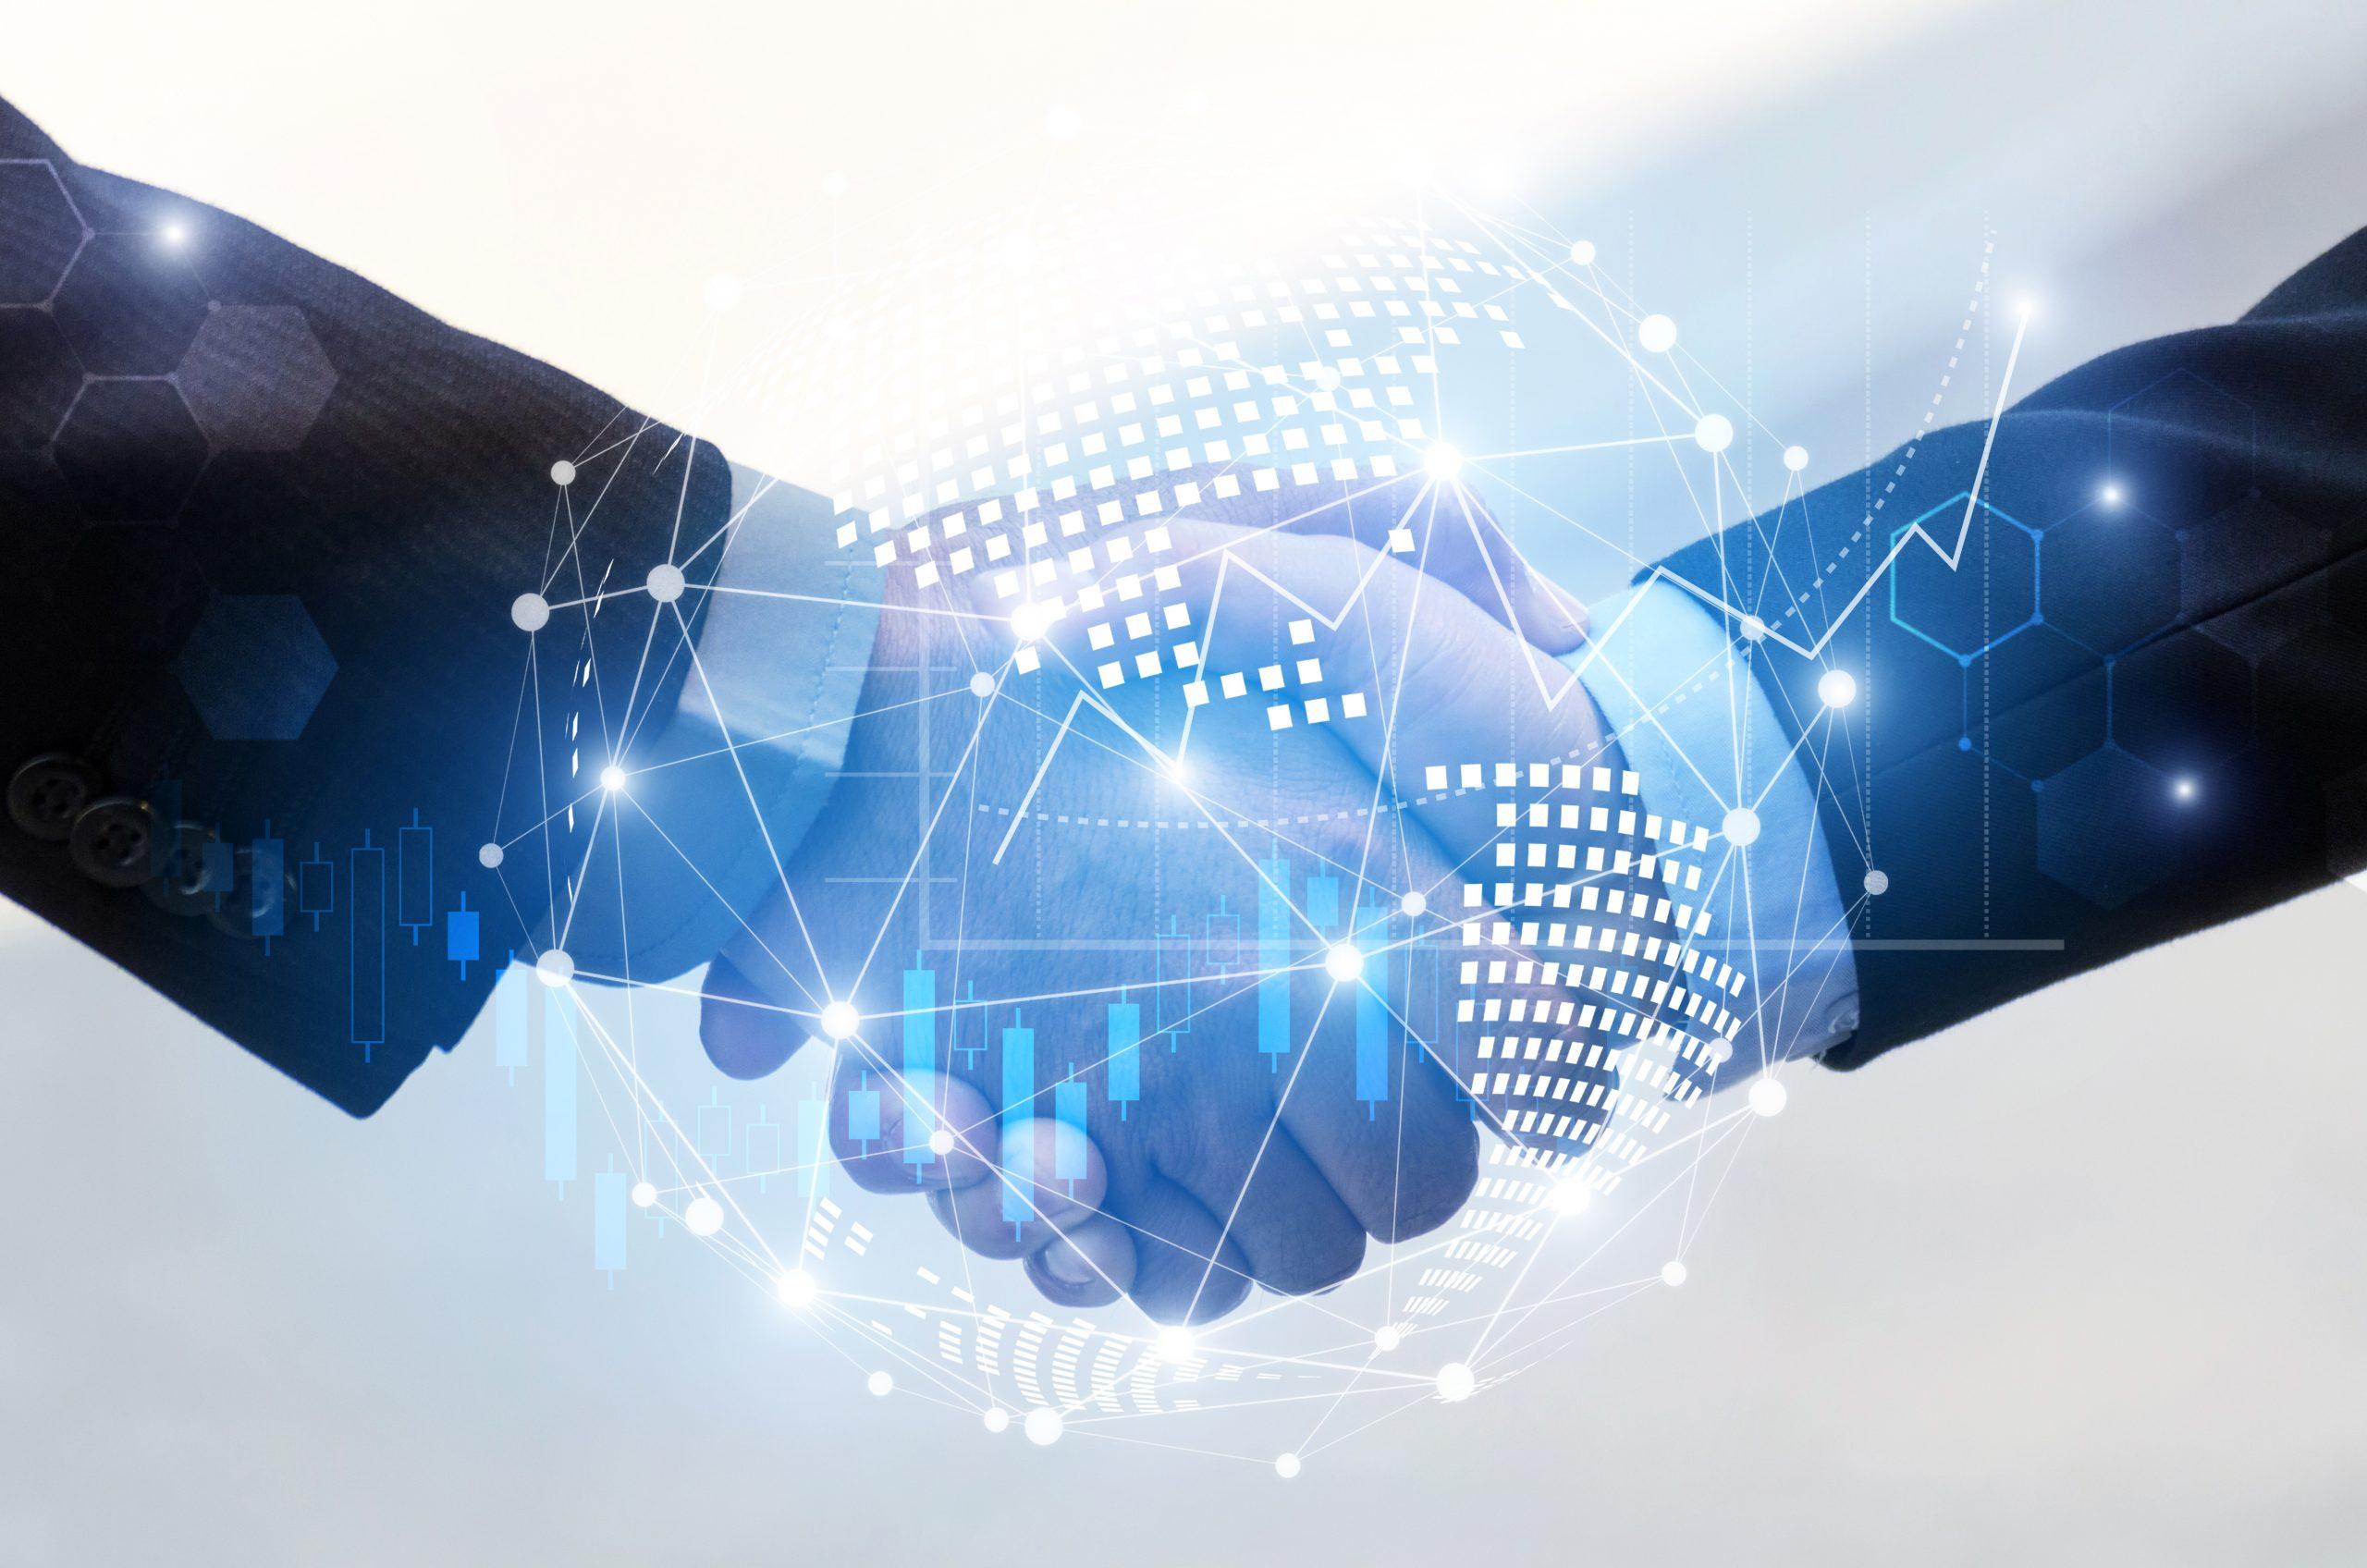 Damos la bienvenida a 2021 con la confianza de nuevos clientes